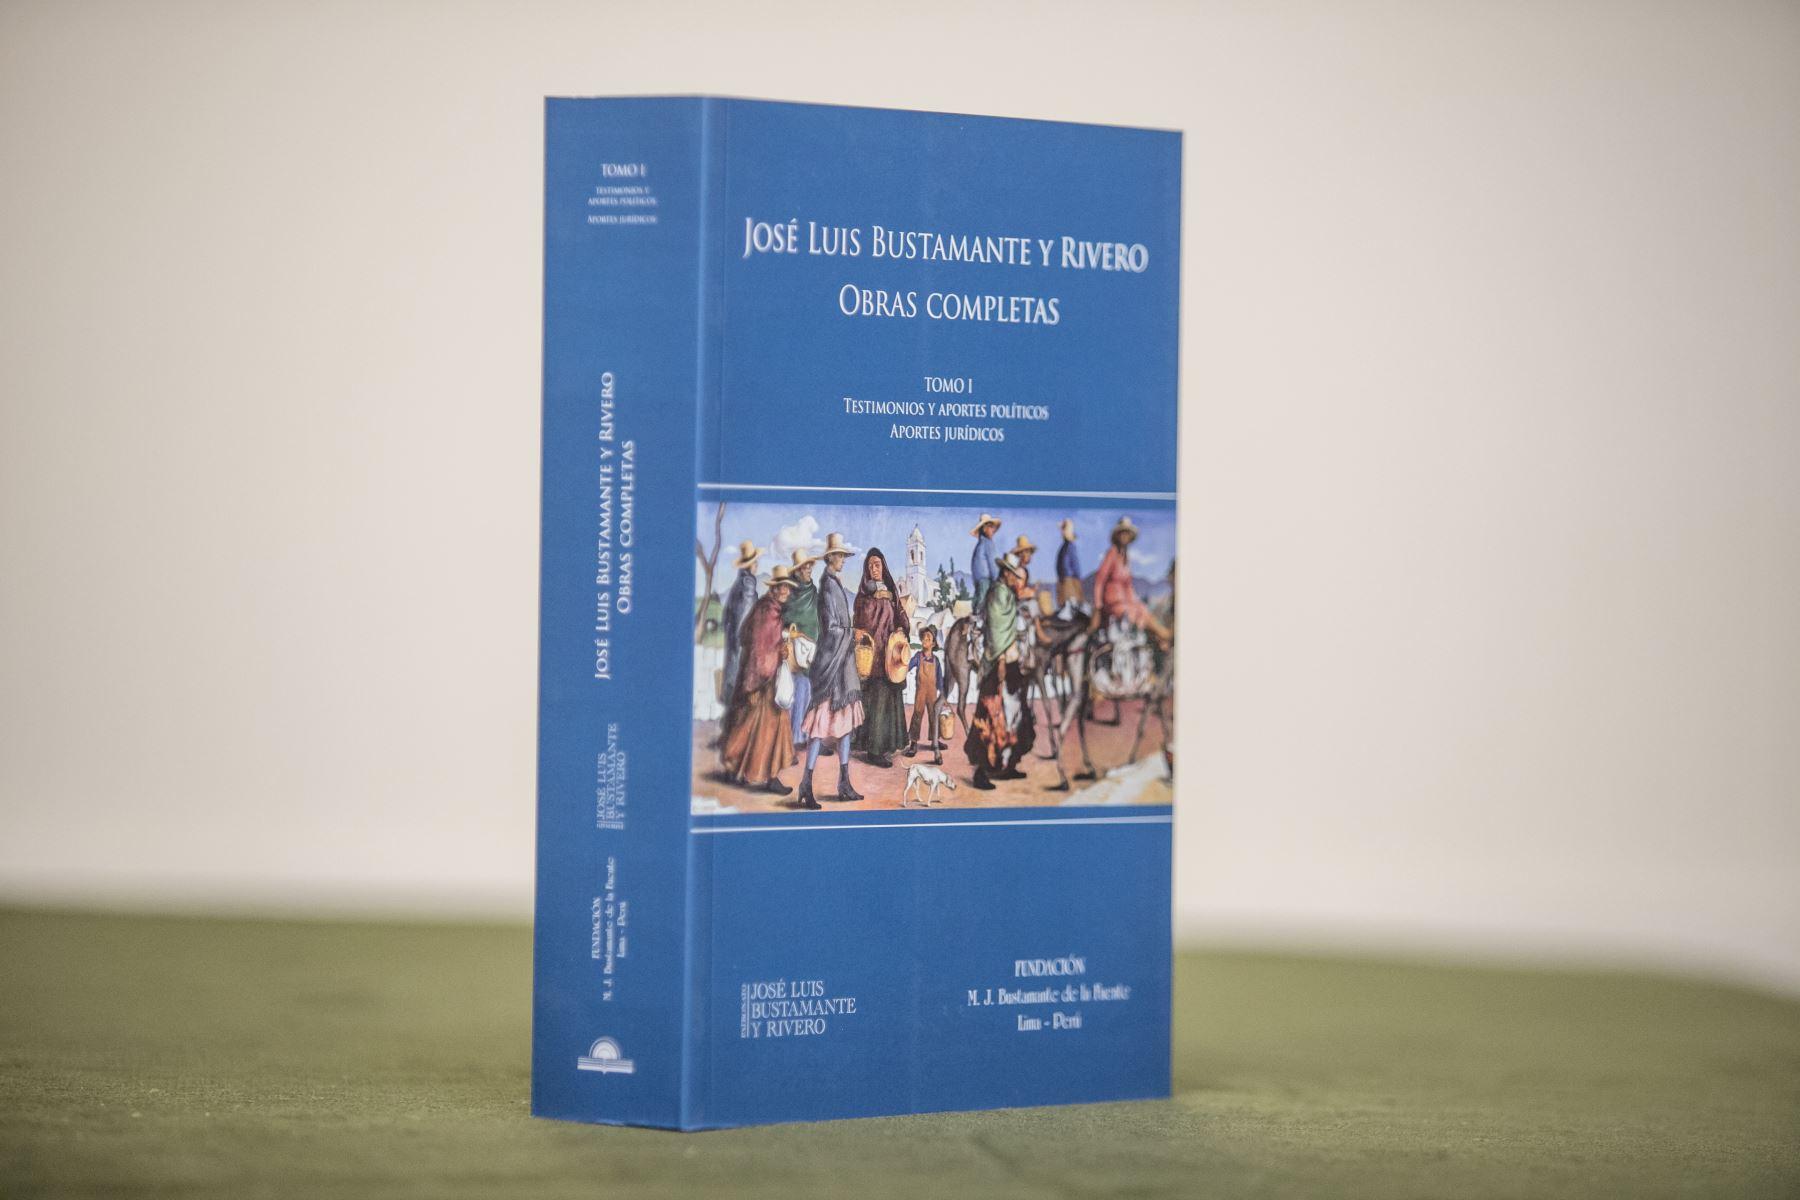 Publican tomos con la obra completa de José Luis Bustamante y Rivero. Cortesía